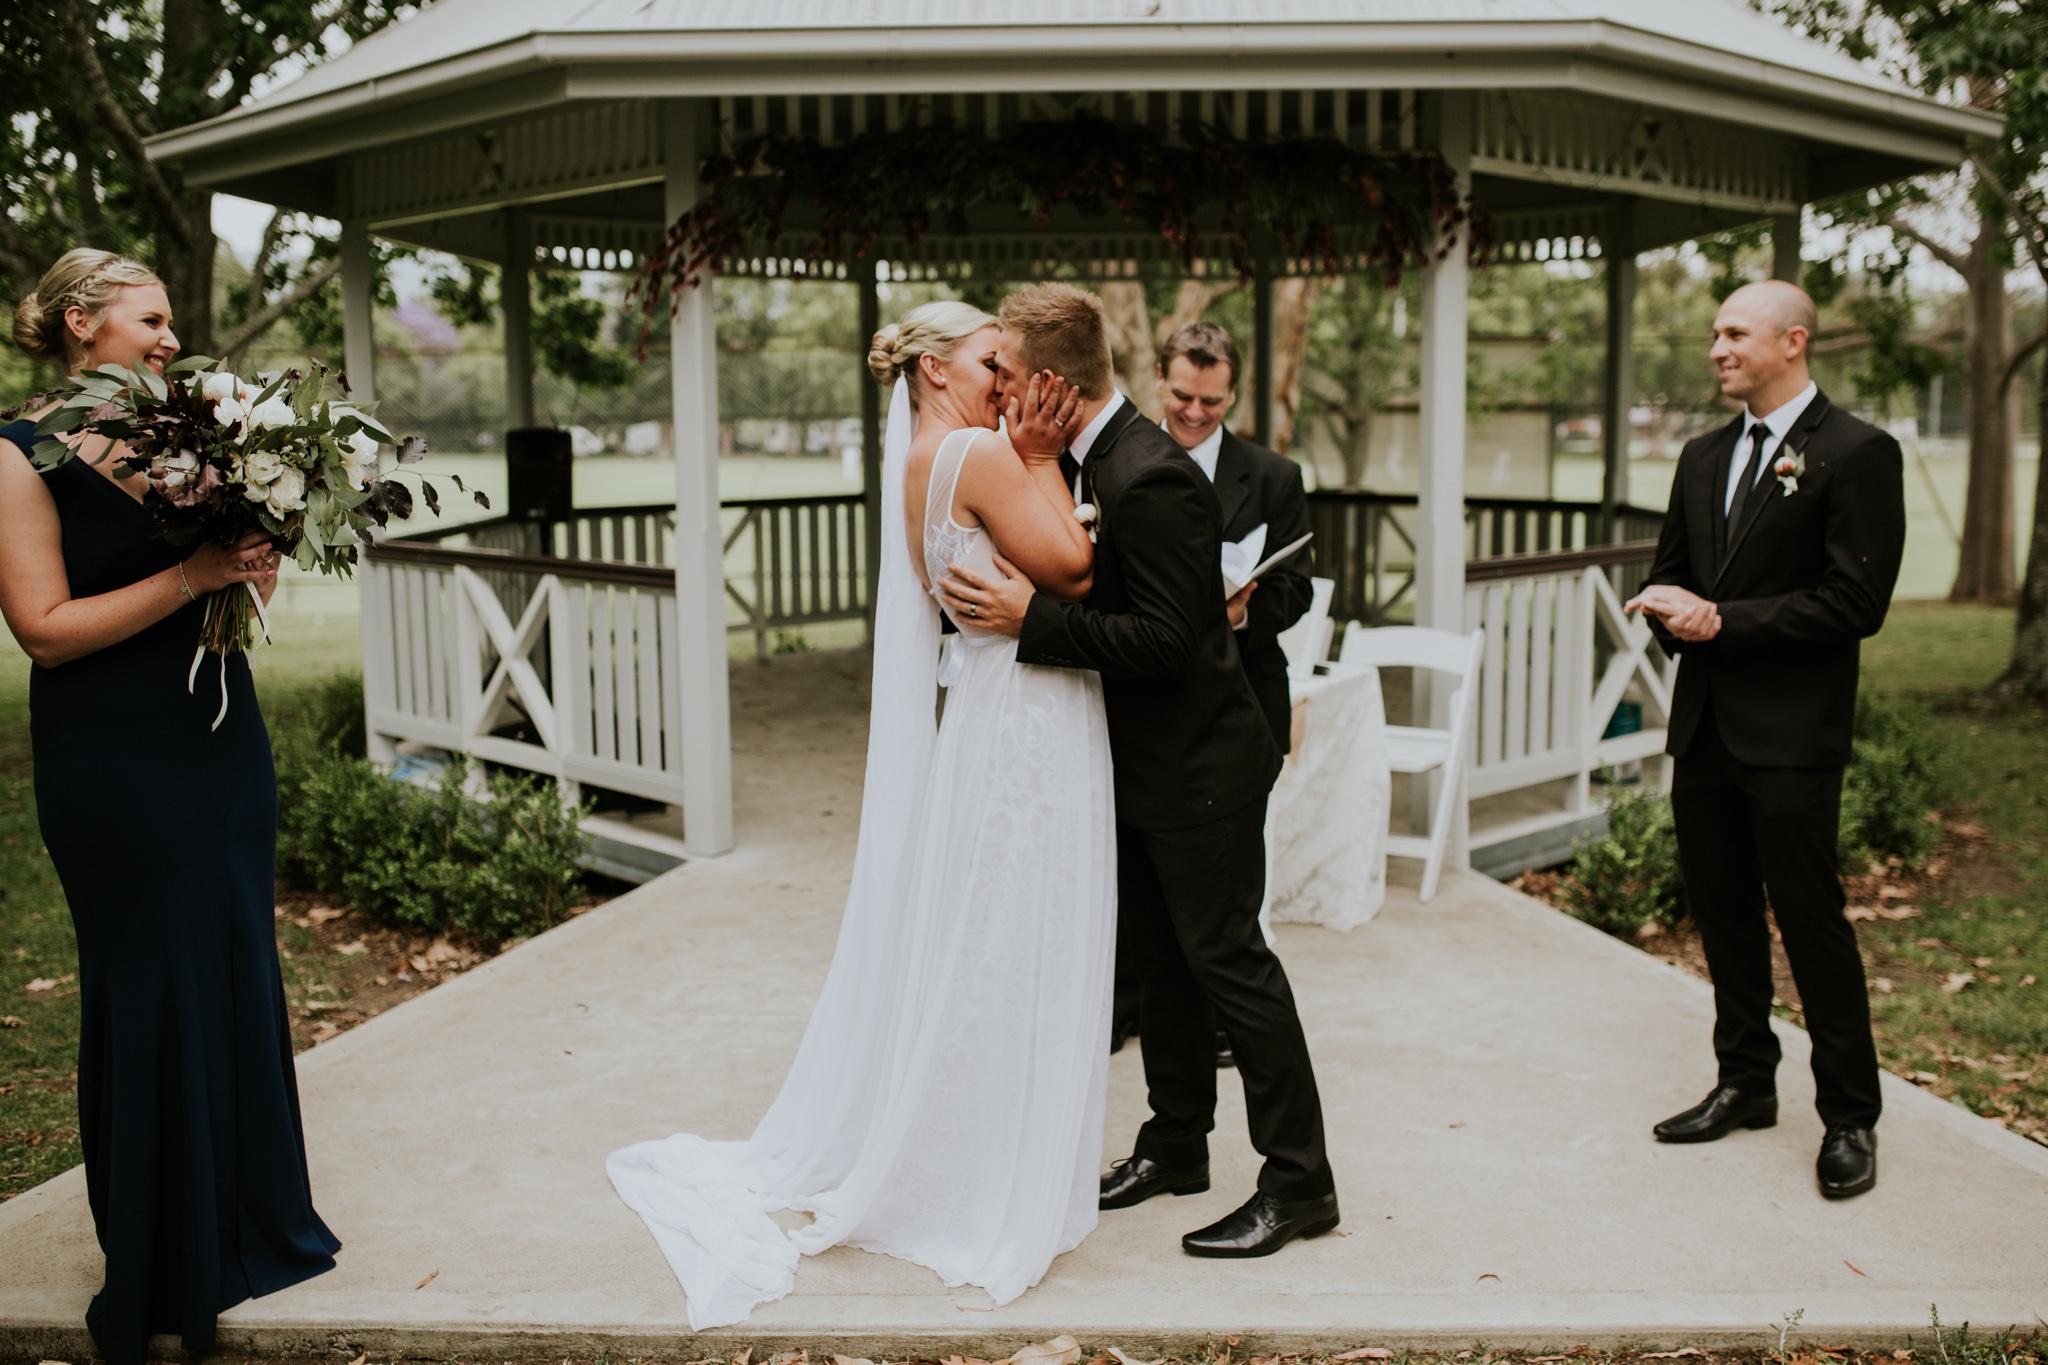 Lucy+Kyle+Kiama+Sebel+wedding-76.jpg